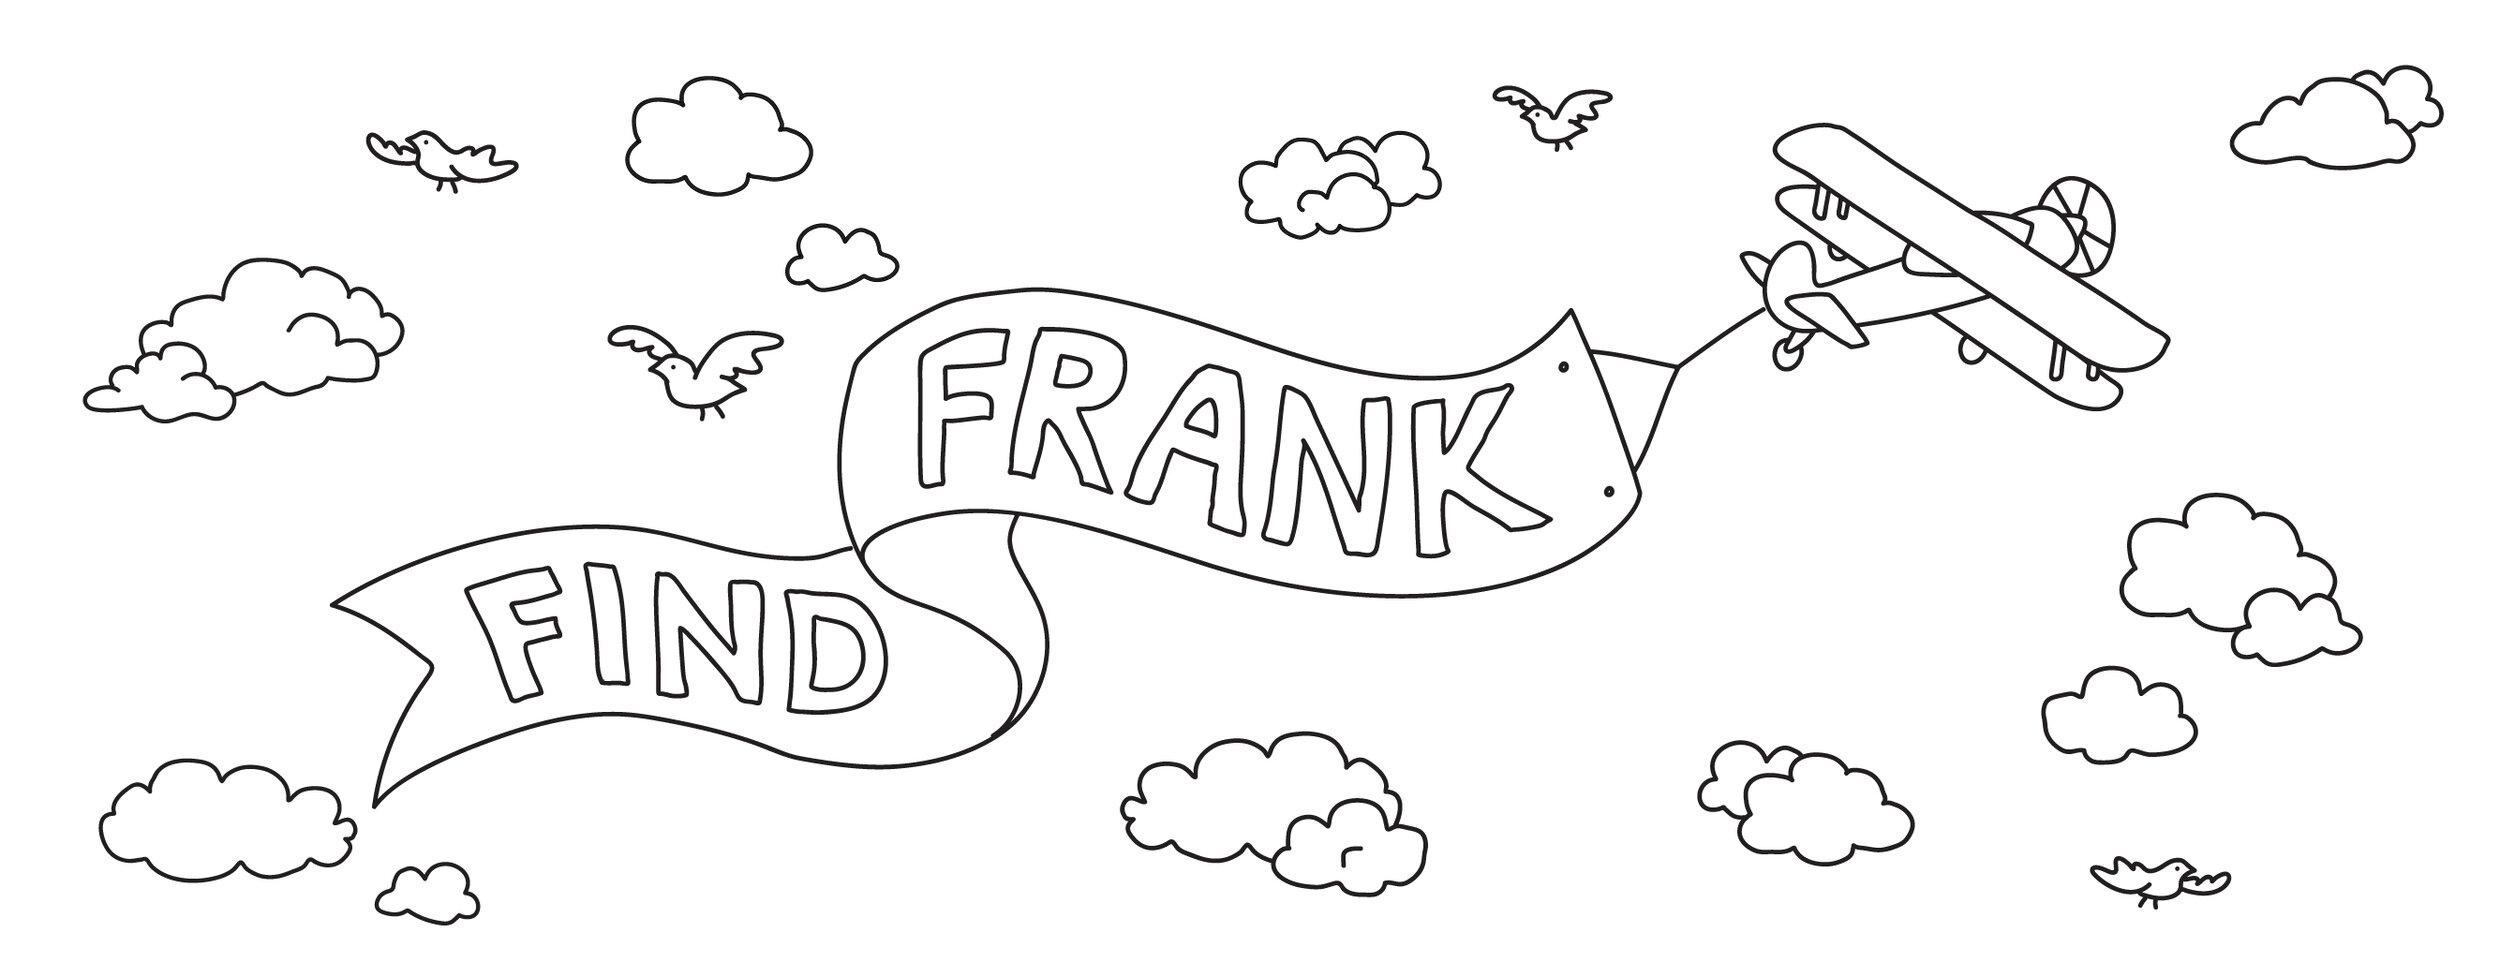 FindFrank-Highlights_Header.jpg